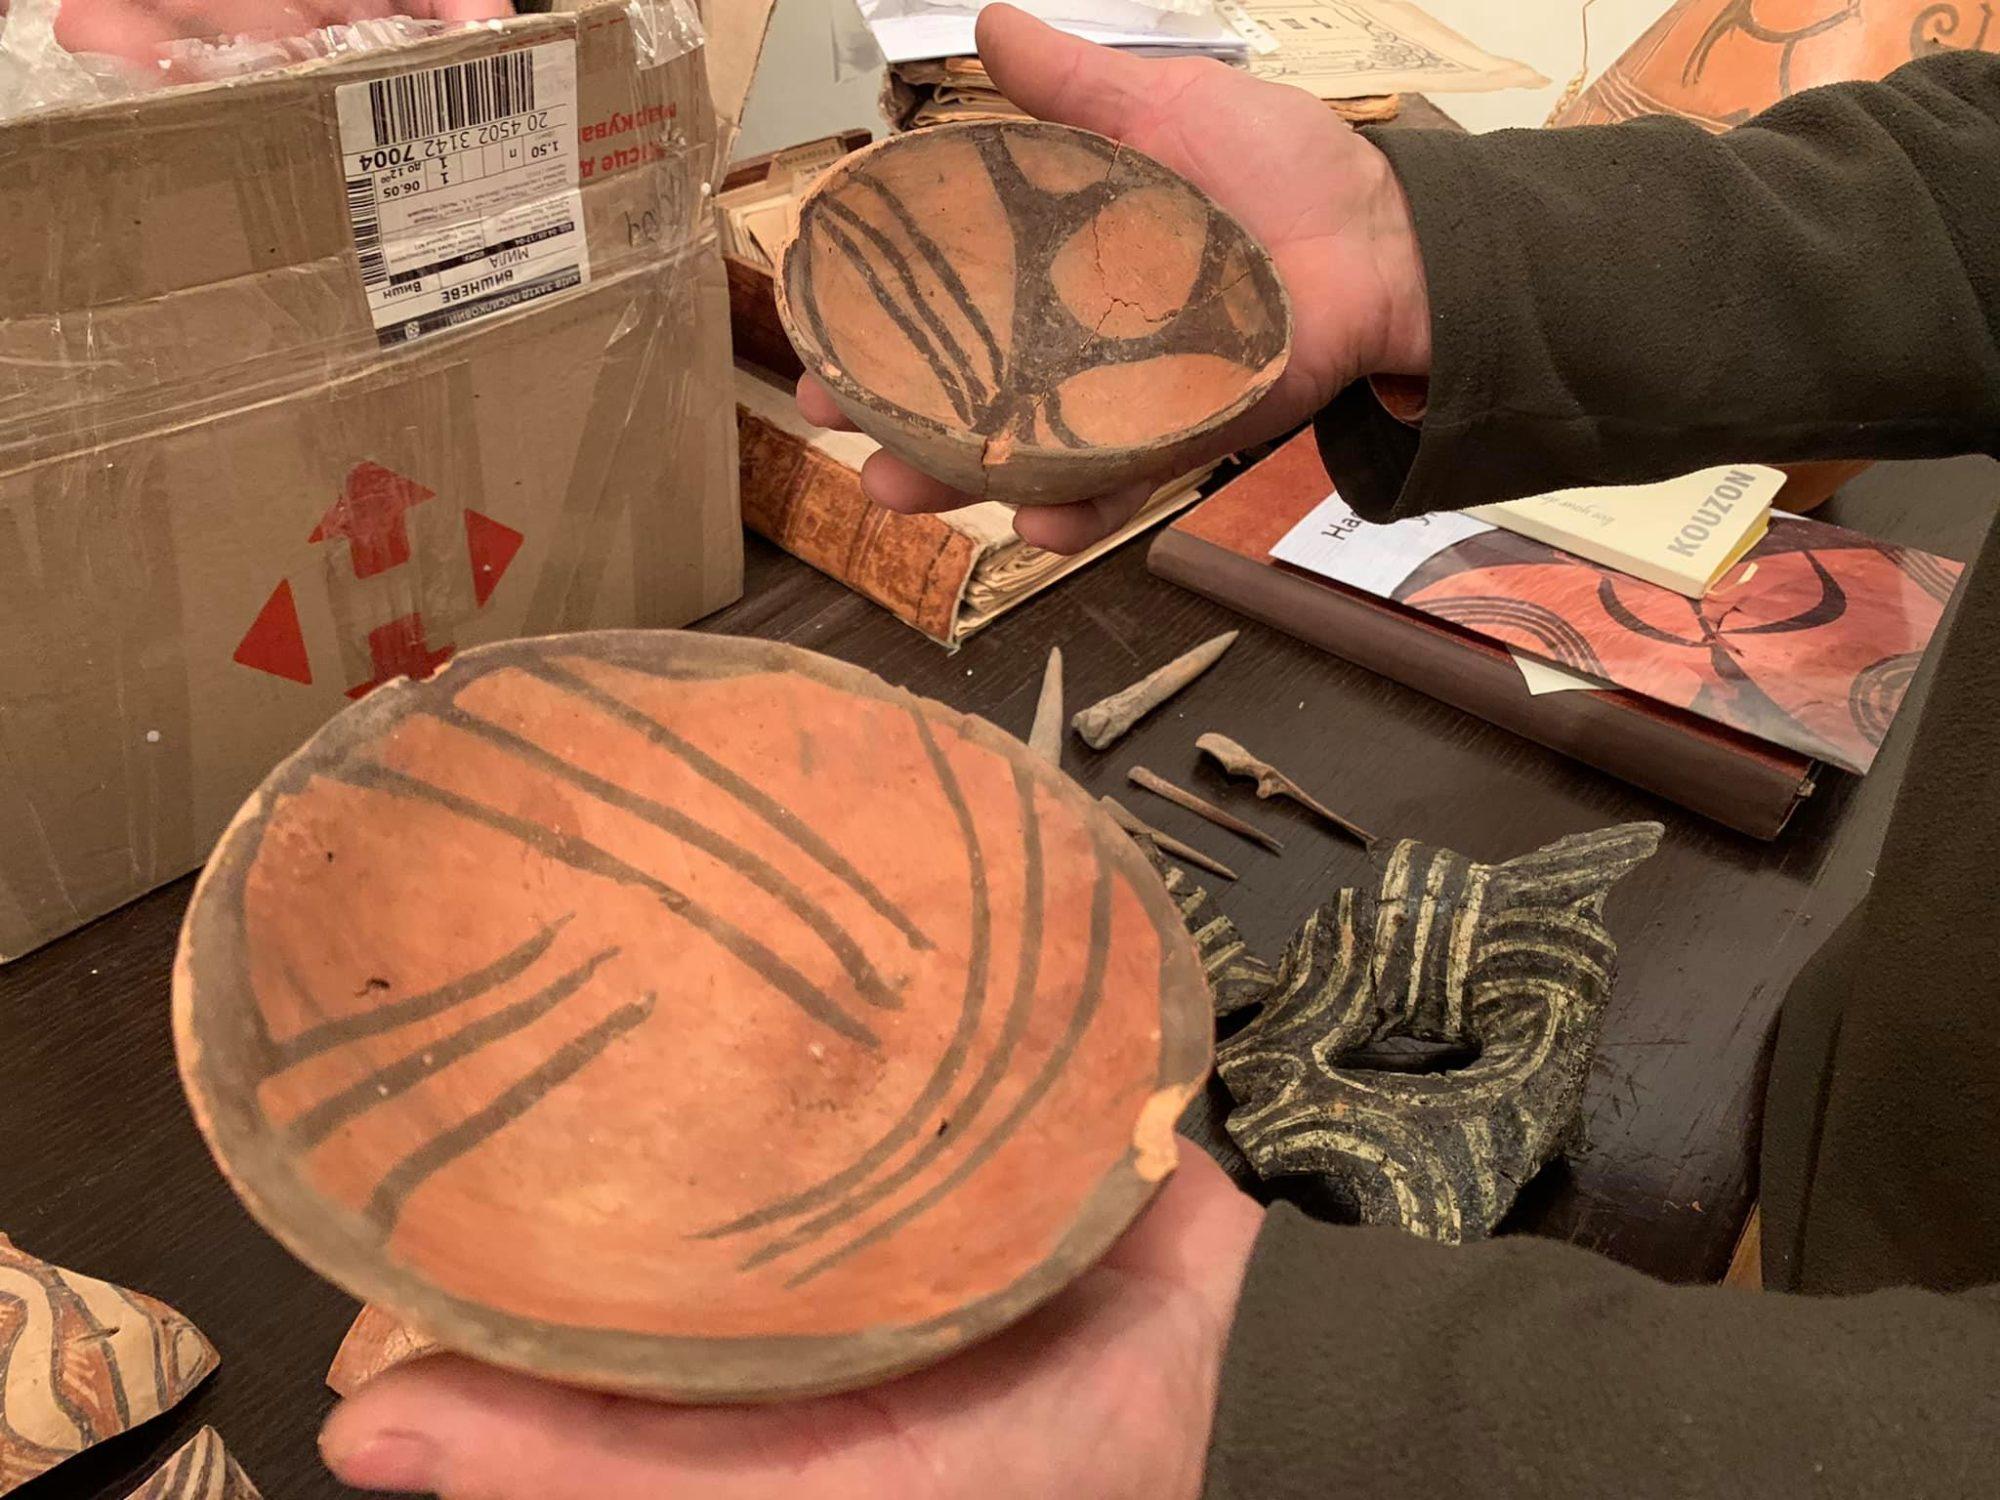 Обухівщина: колекція музею трипільської культури поповнилася цінними  артефактами - музей, експонати, виставка - 128034215 3496166977135062 4240646664331504164 o 2000x1500